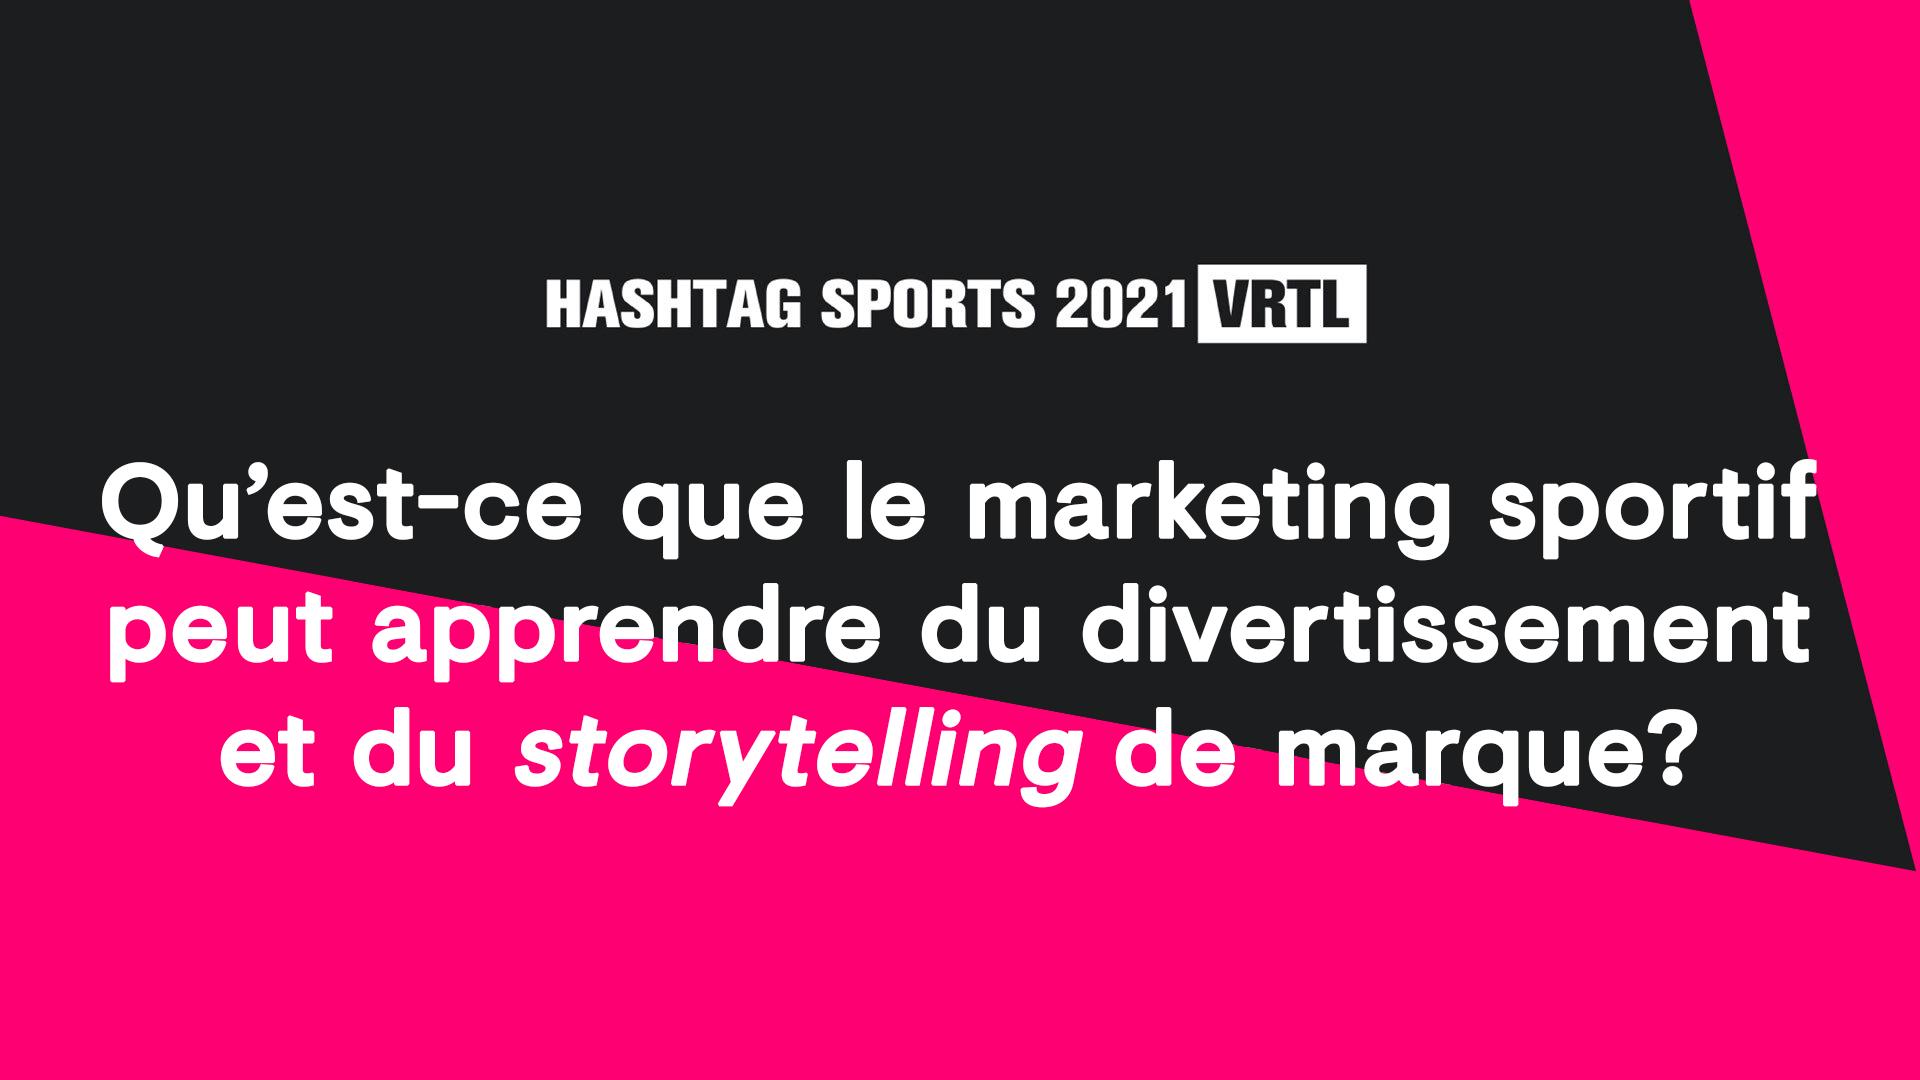 Qu'est-ce que le marketing sportif peut apprendre du divertissement et du storytelling de marque?